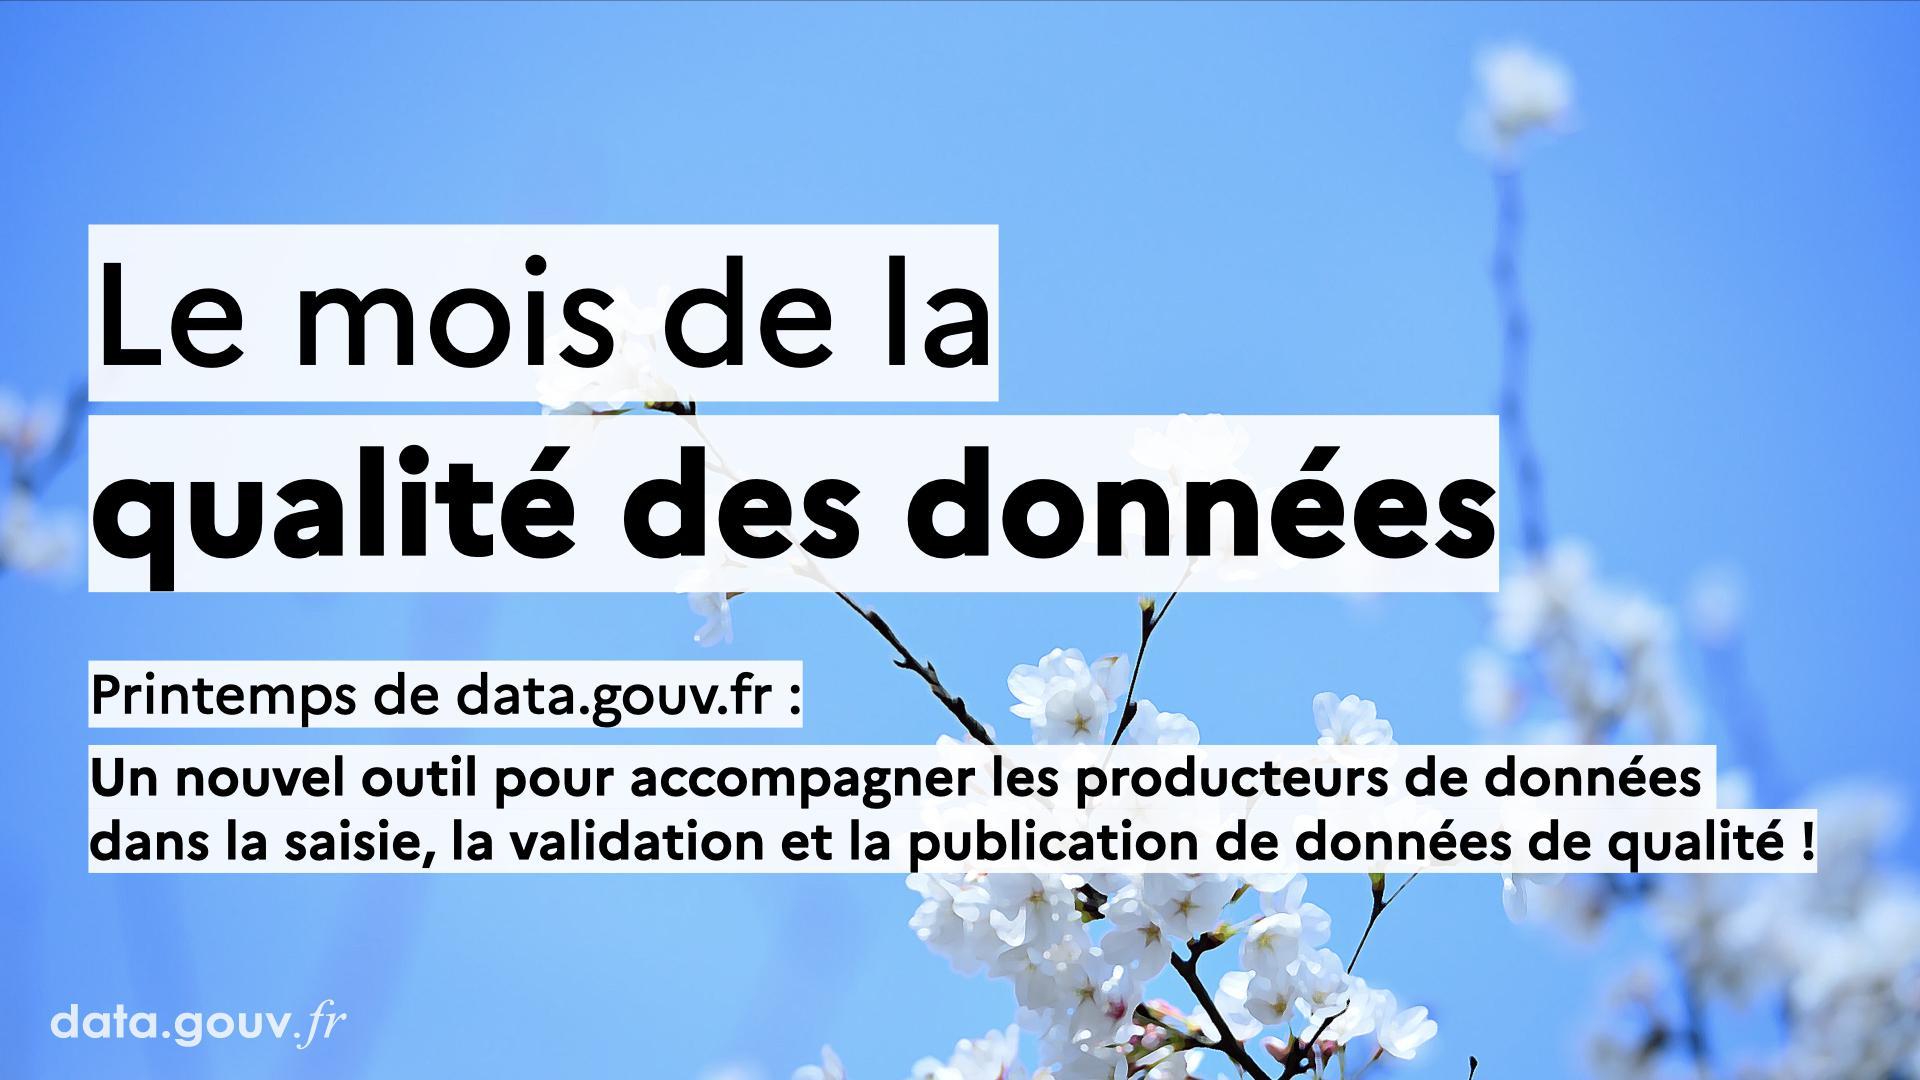 Nos travaux sur la qualité des données: présentation d'un nouvel outil pour accompagner la production de données ouvertes de qualité